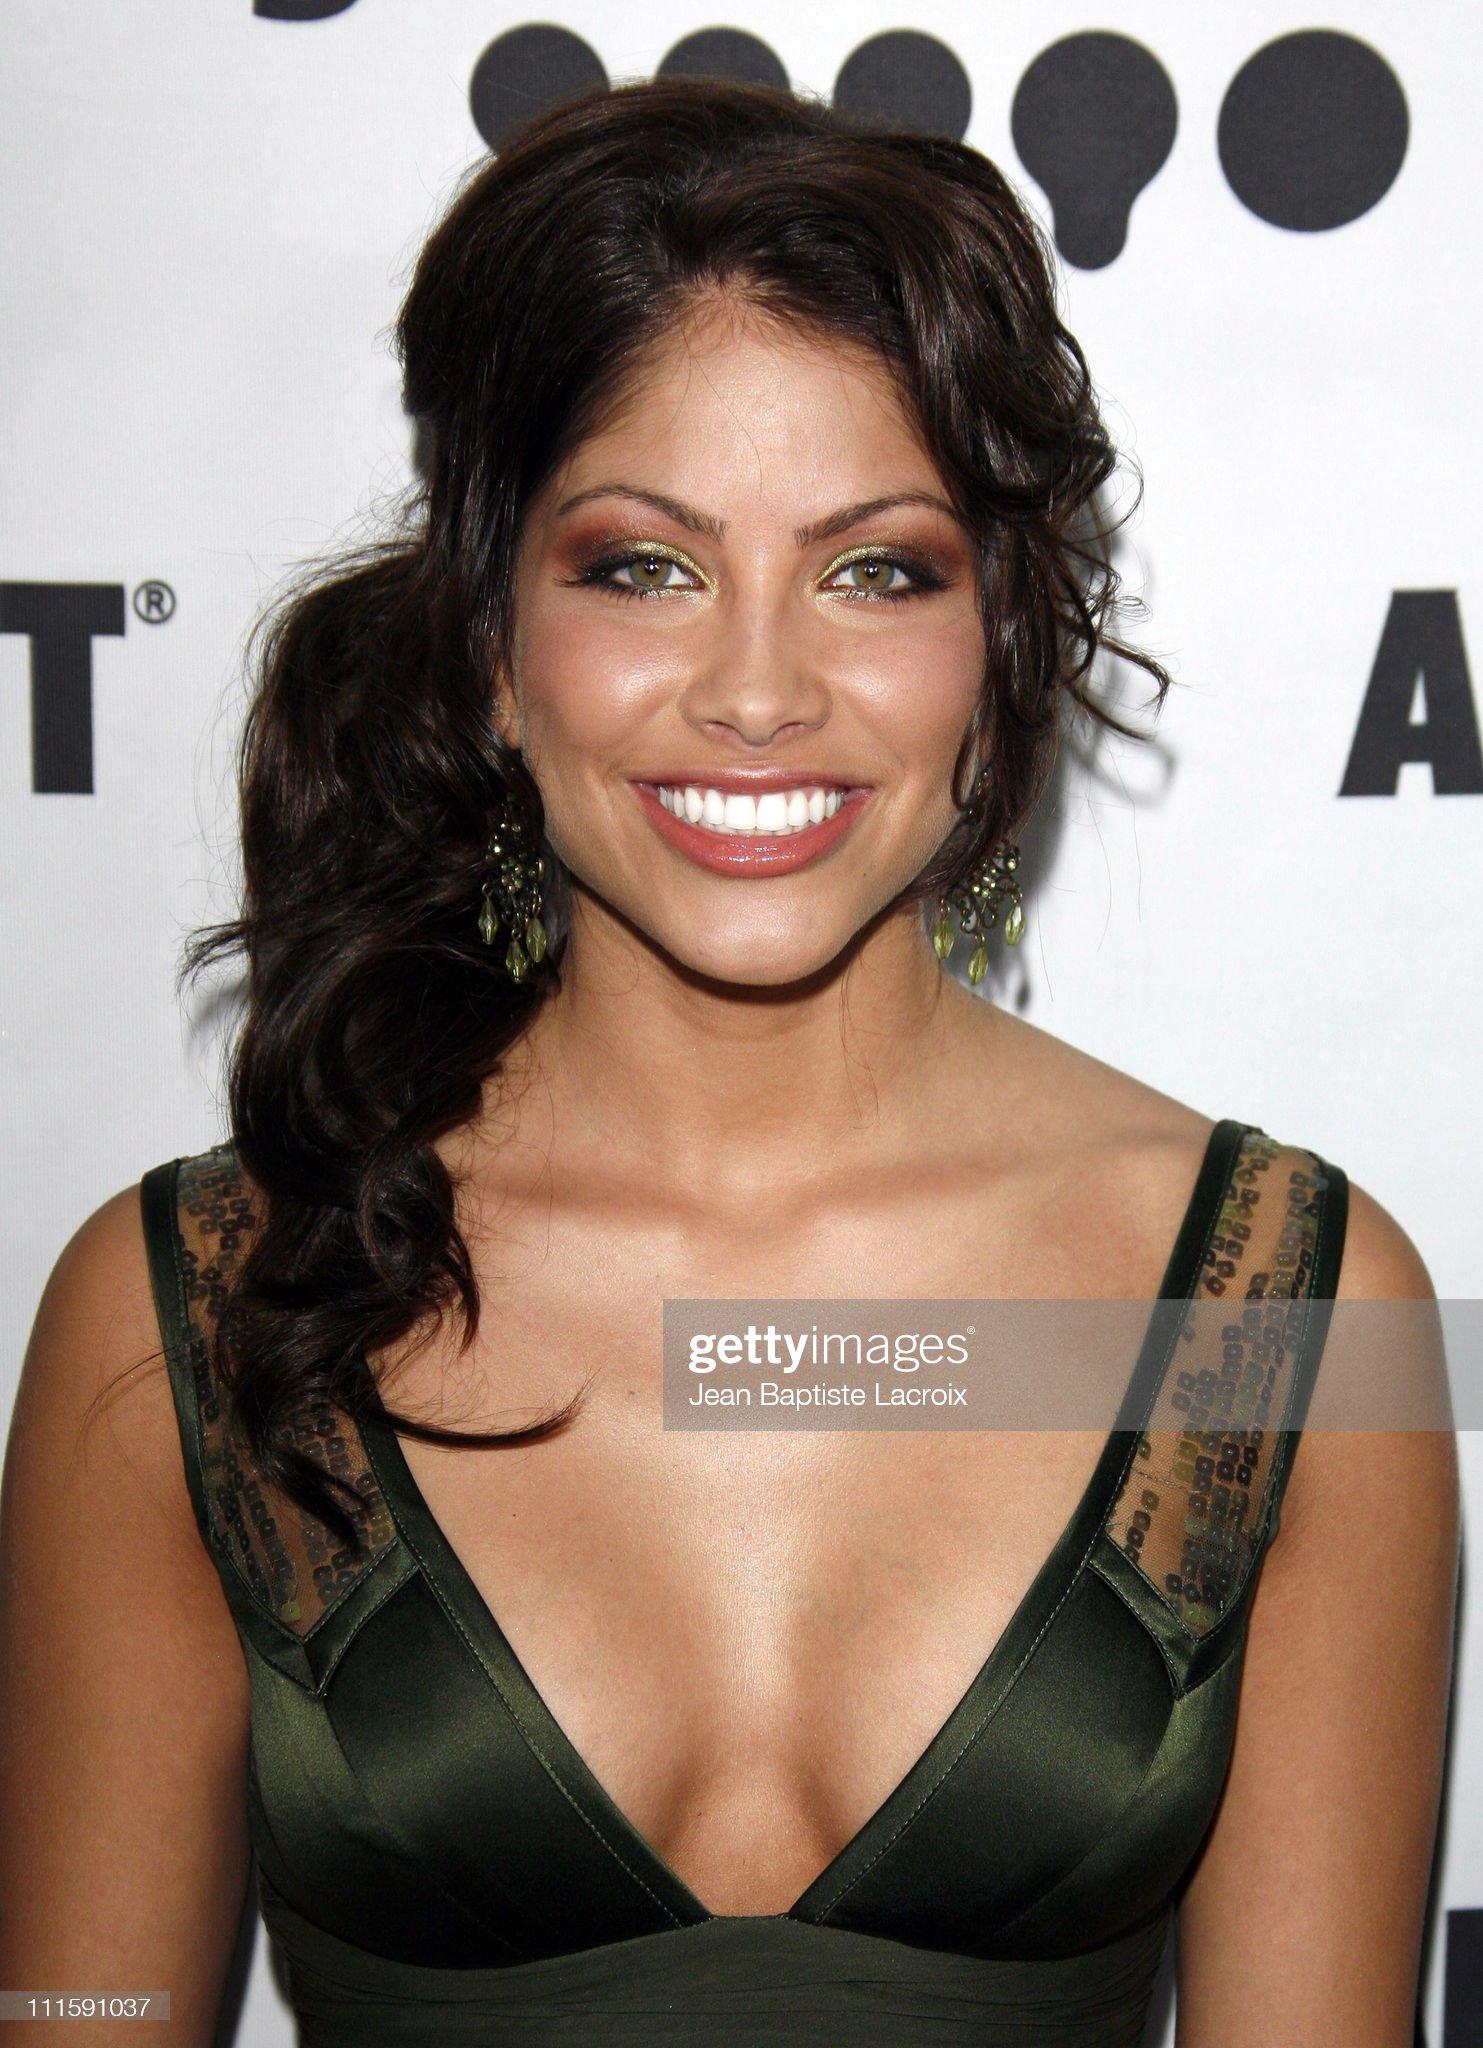 DEBATE sobre belleza, guapura y hermosura (fotos de chicas latinas, mestizas, y de todo) - VOL II - Página 9 Valery-ortiz-during-18th-annual-glaad-media-awards-los-angeles-at-picture-id111591037?s=2048x2048